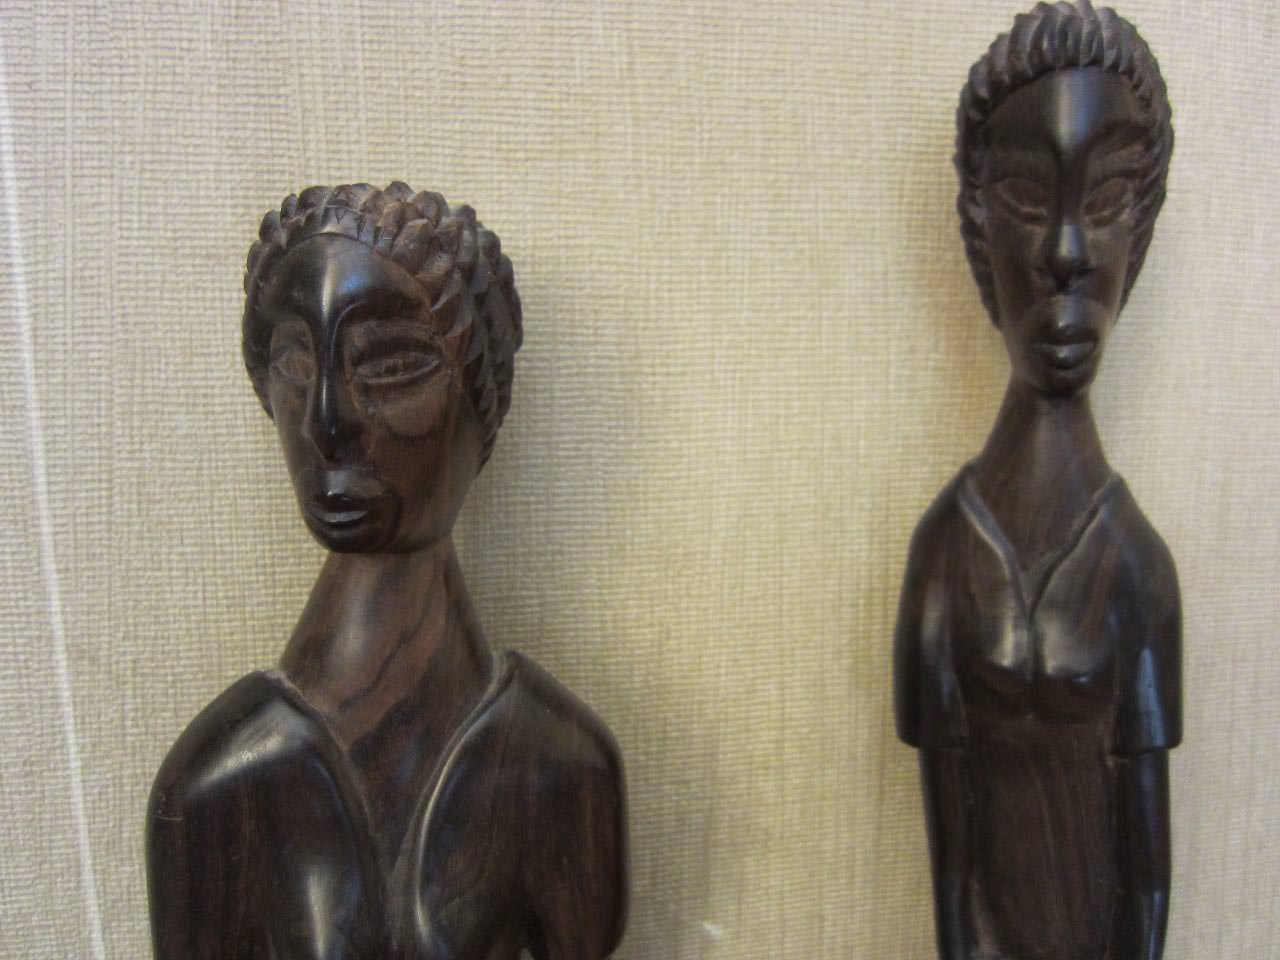 Женские статуэтки из дерева, крупным планом